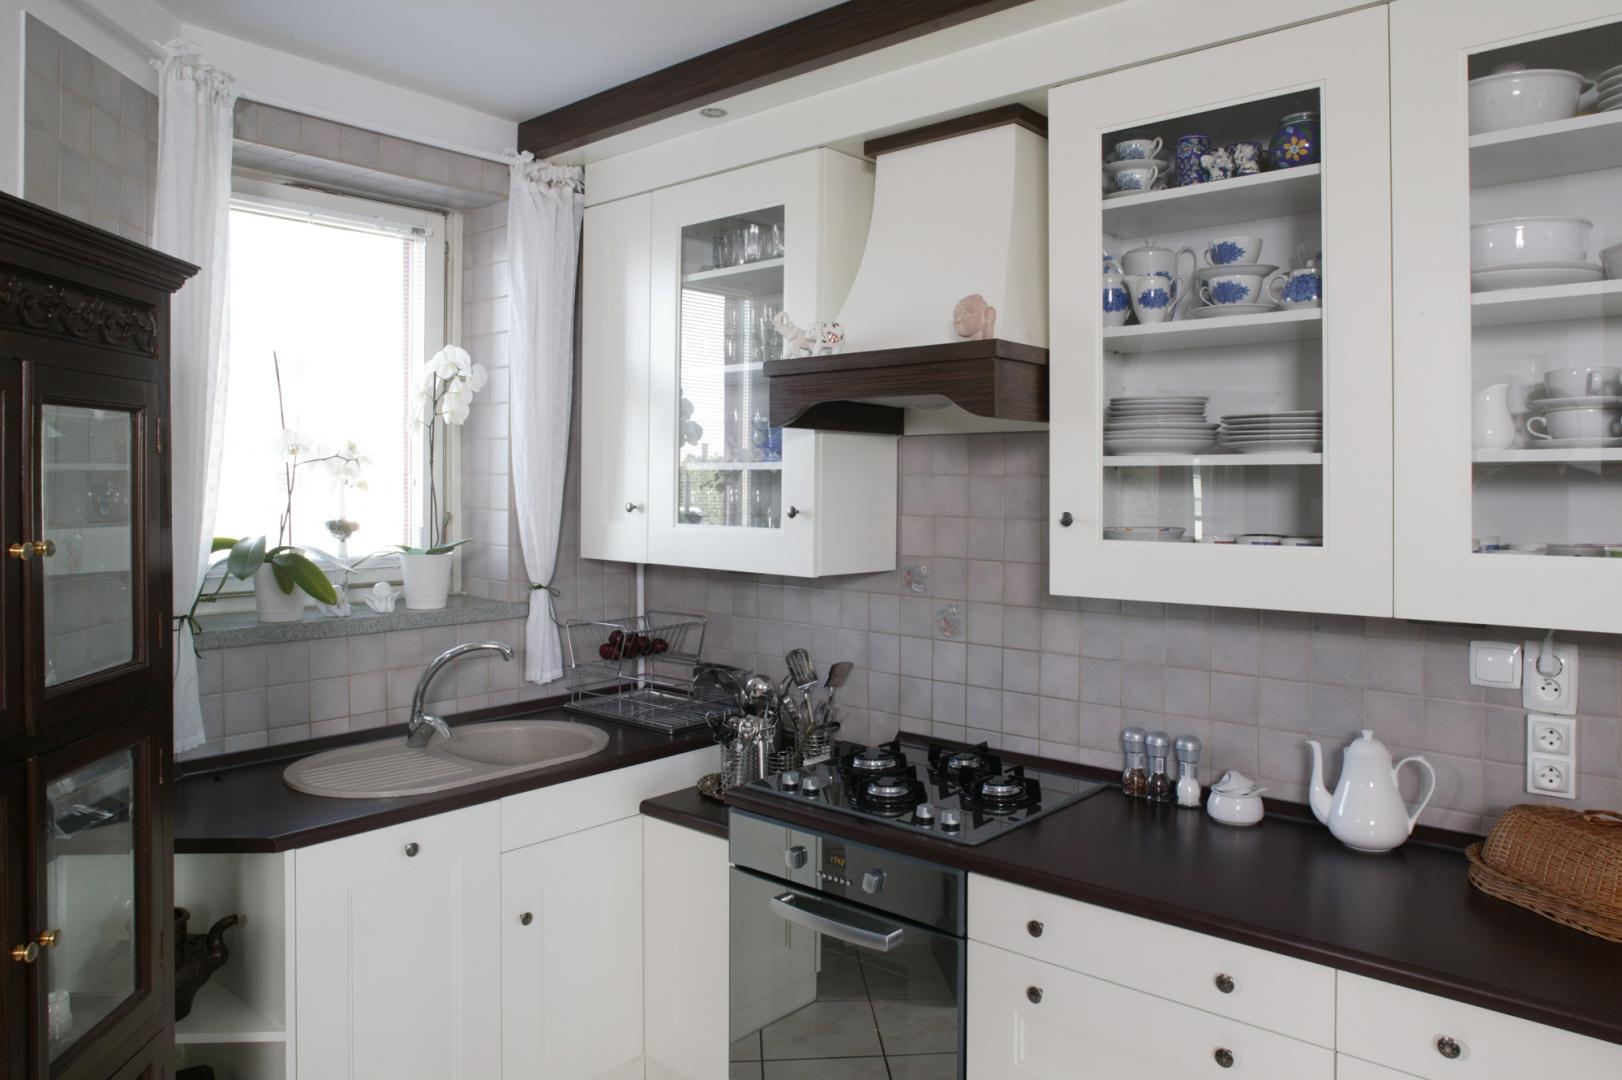 Wzornictwo kuchennej zabudowy subtelnie nawiązuje do stylu retro. Natomiast ciemne elementy – do kolorystyki indyjskich mebli. Fot. Bartosz Jarosz.